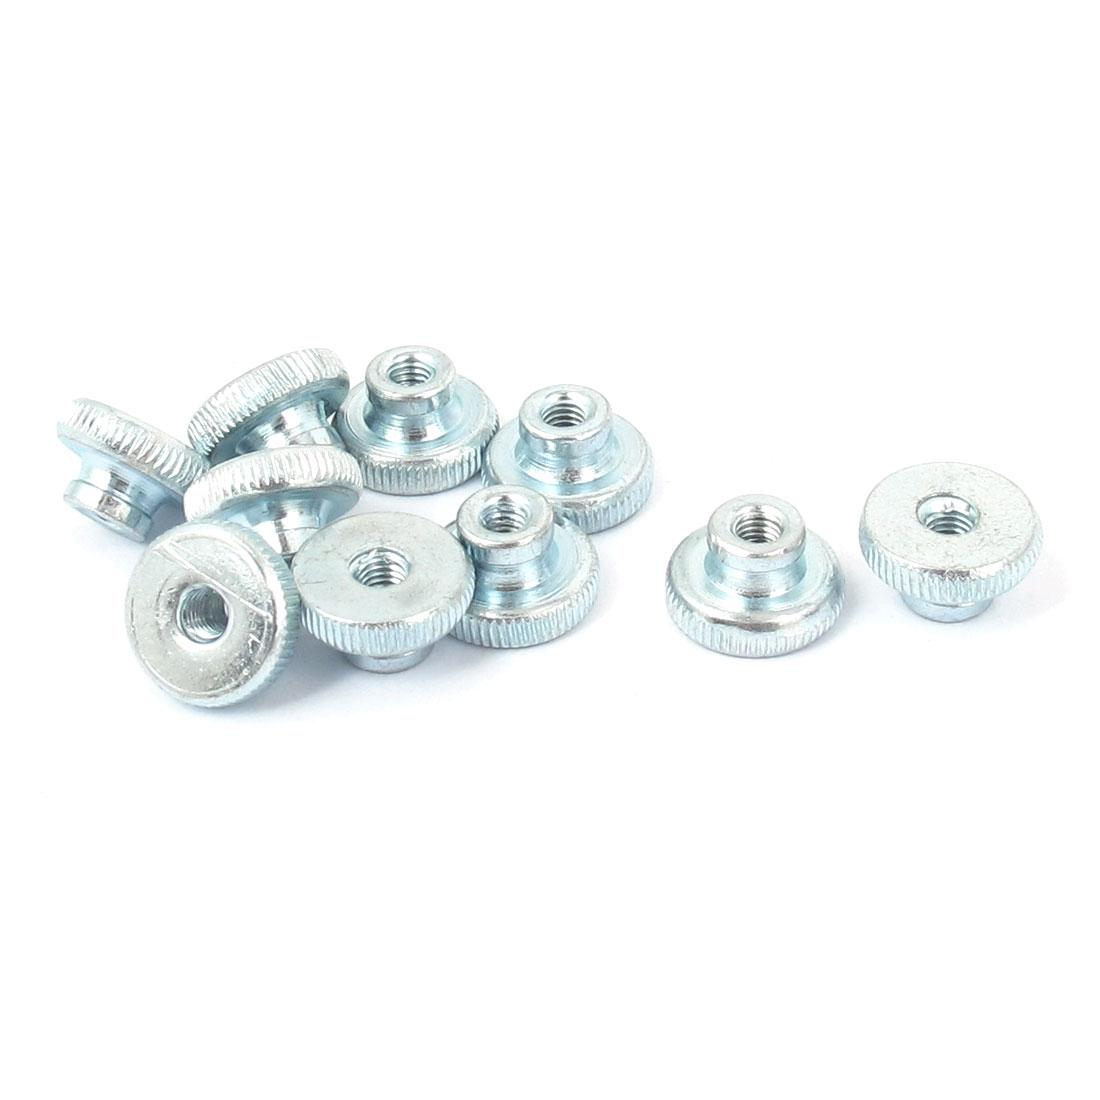 Metal Knurled Head Thumb Nut Fastener Silver Tone M3 10 Pcs